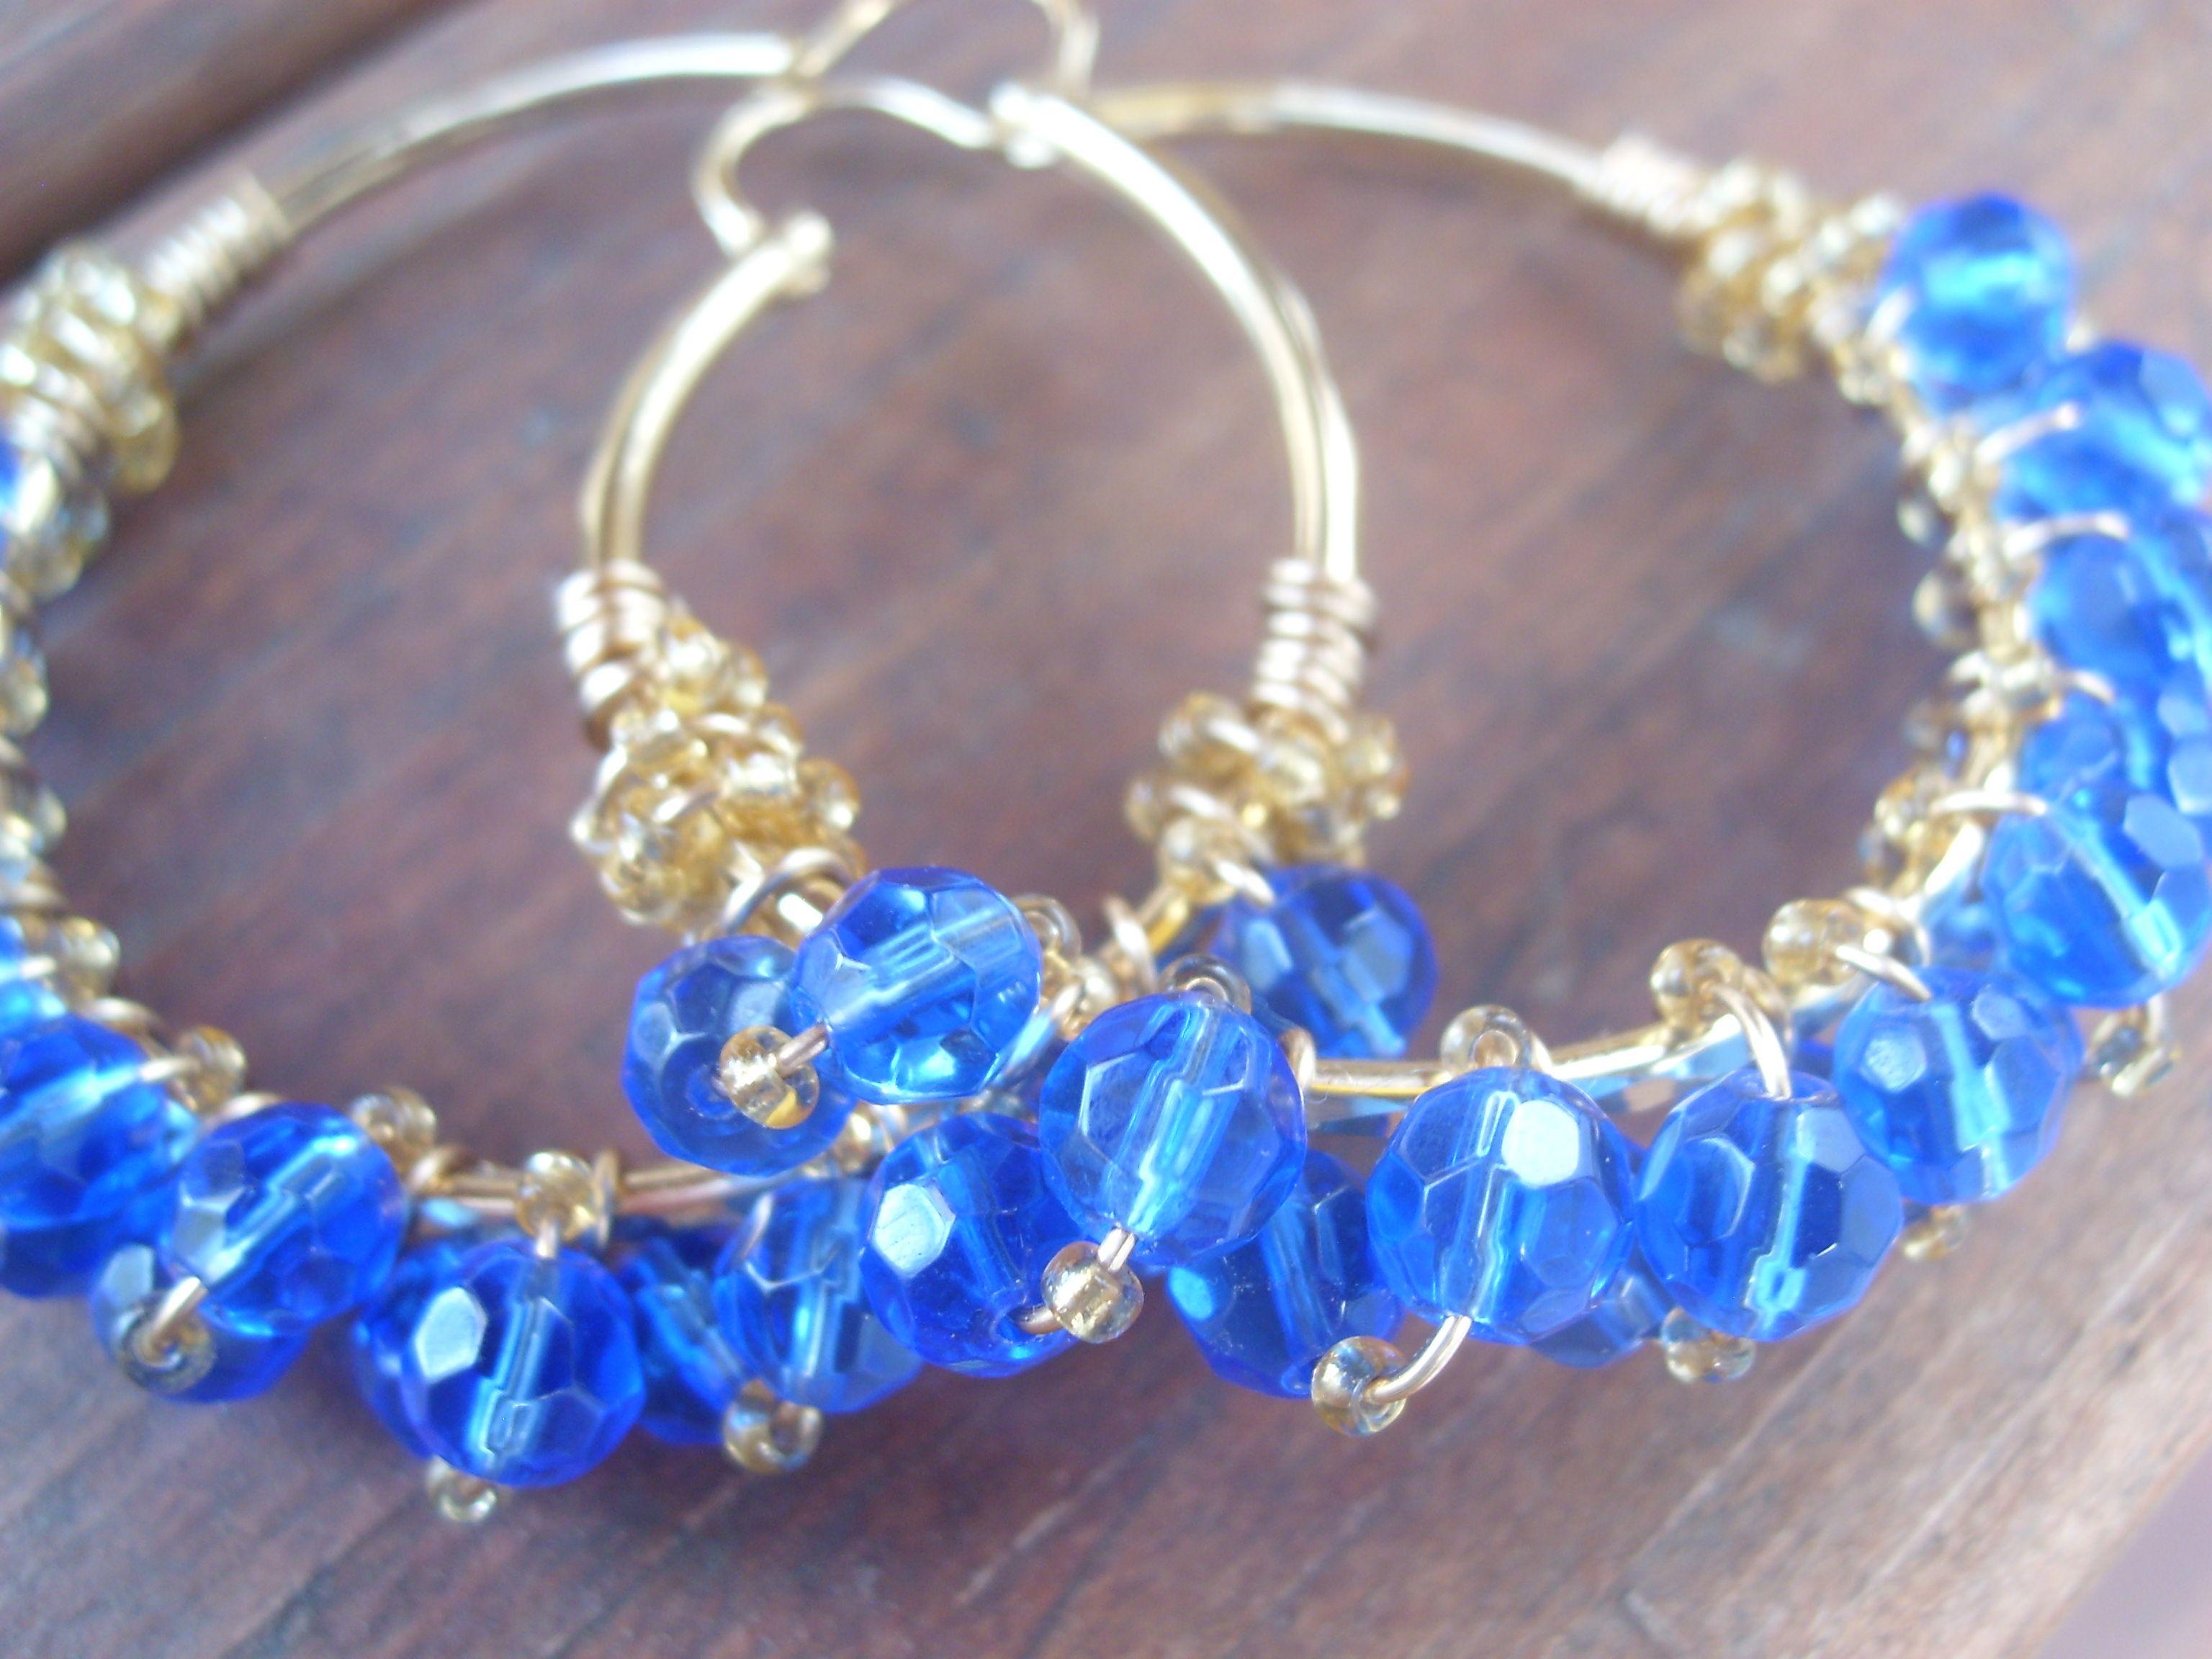 Arracadas de chapa de oro y cristal azul.    https://www.facebook.com/trendyaccesoriesmty?ref=hl